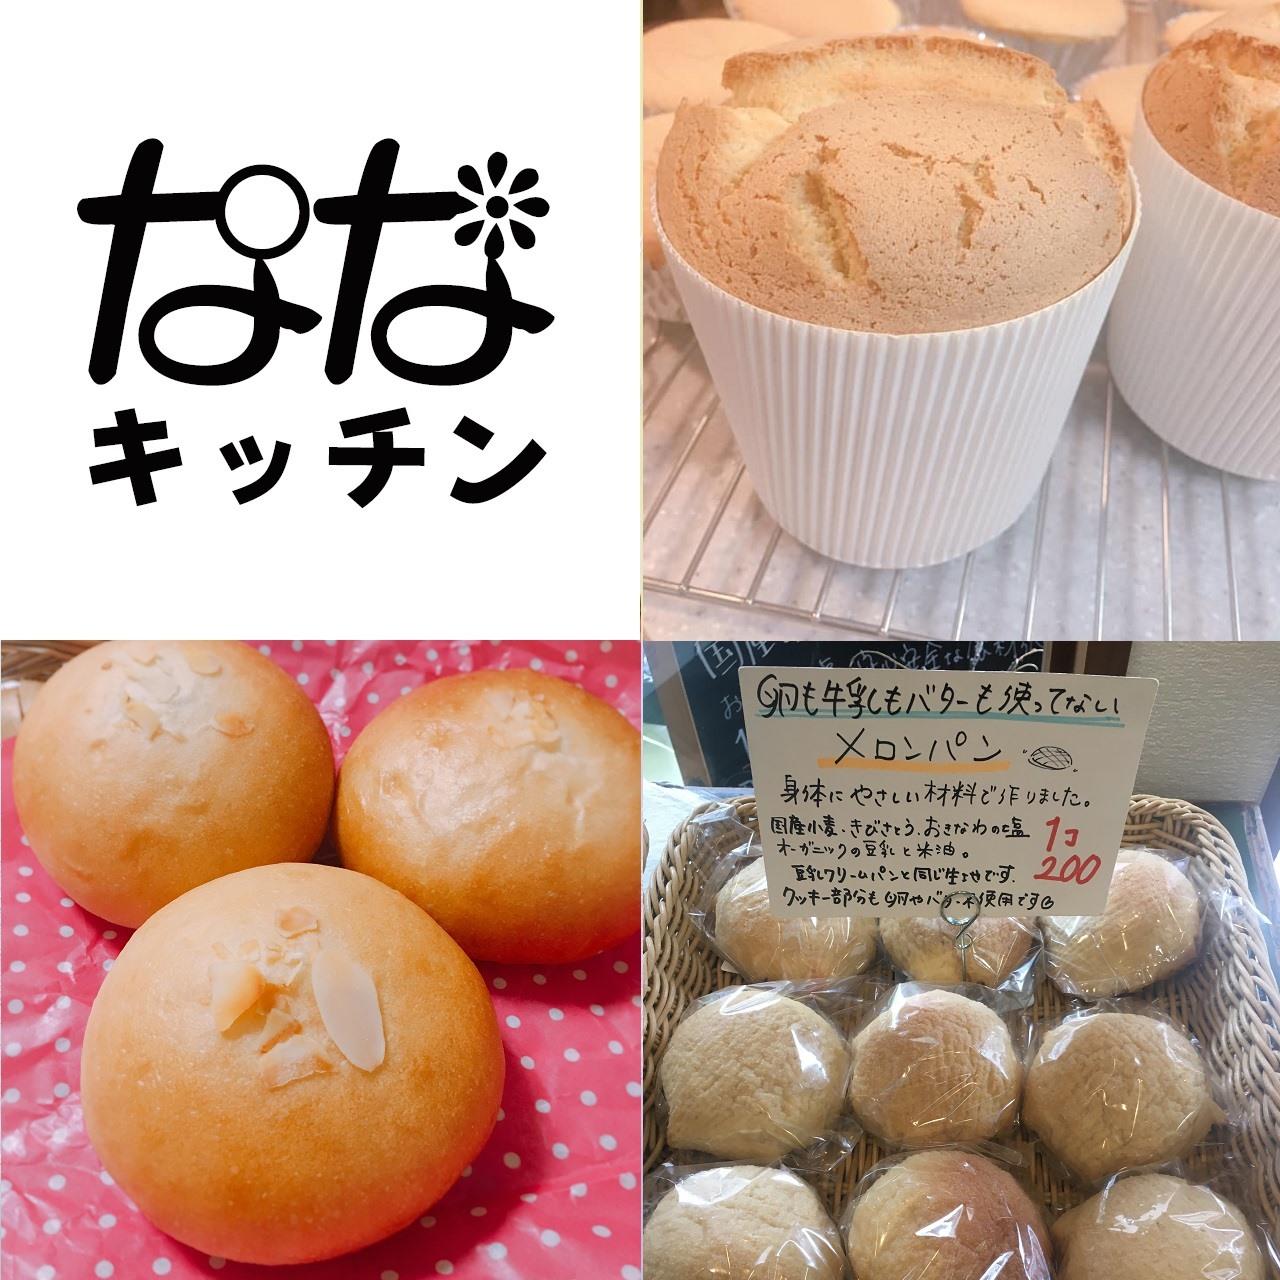 東京大塚駅パン屋&パン教室ななキッチン